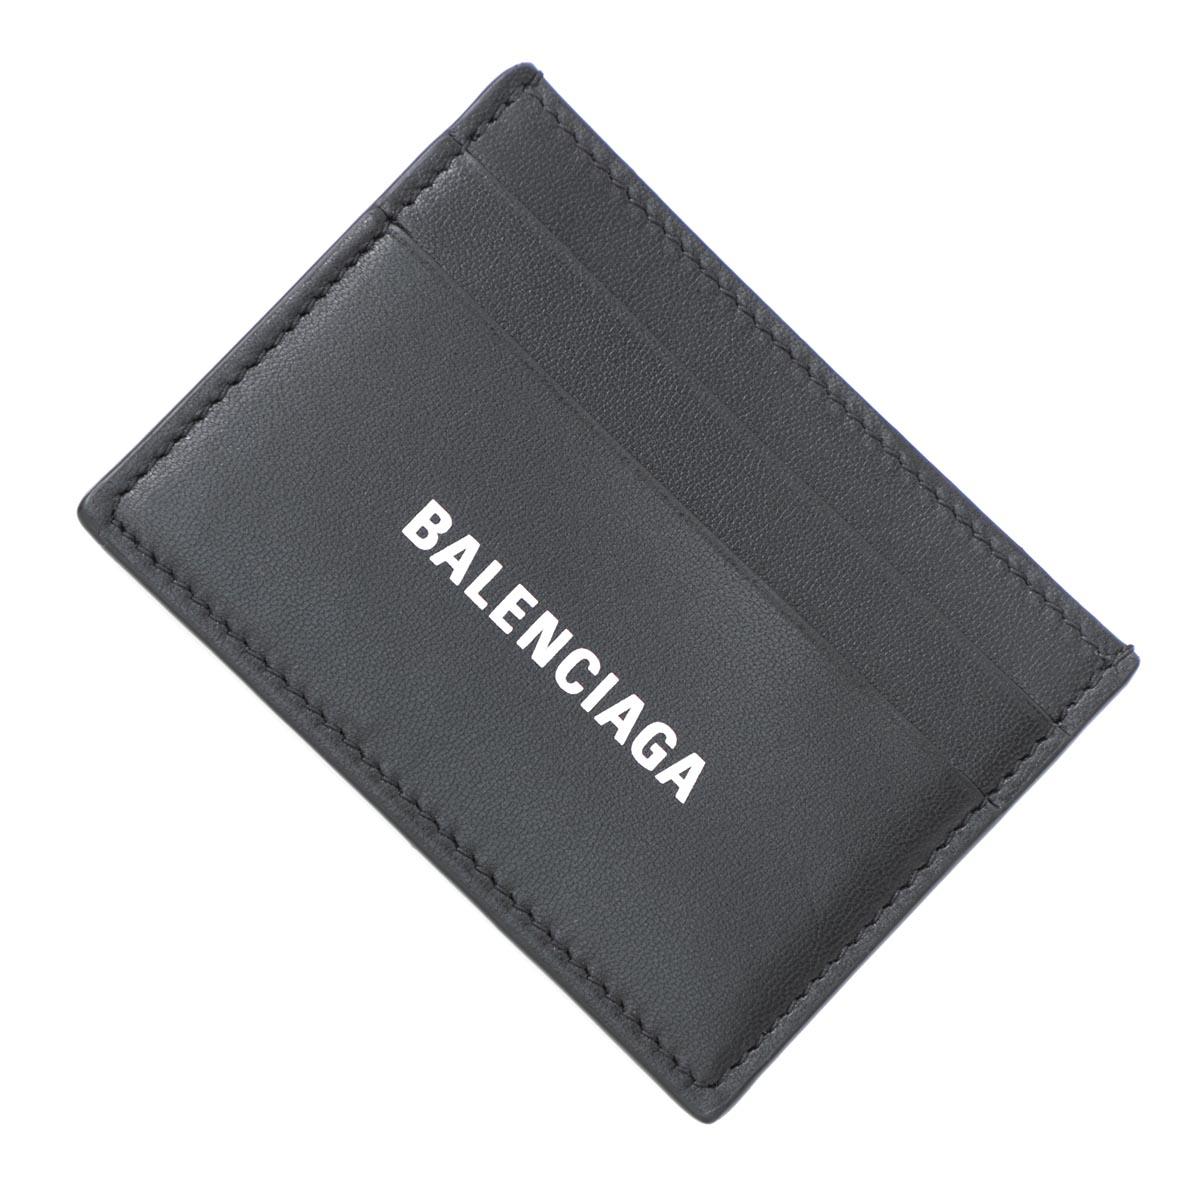 バレンシアガ BALENCIAGA カードケース ブラック メンズ ギフト プレゼント レザー 本革 594309 1i313 1090【あす楽対応_関東】【返品送料無料】【ラッピング無料】